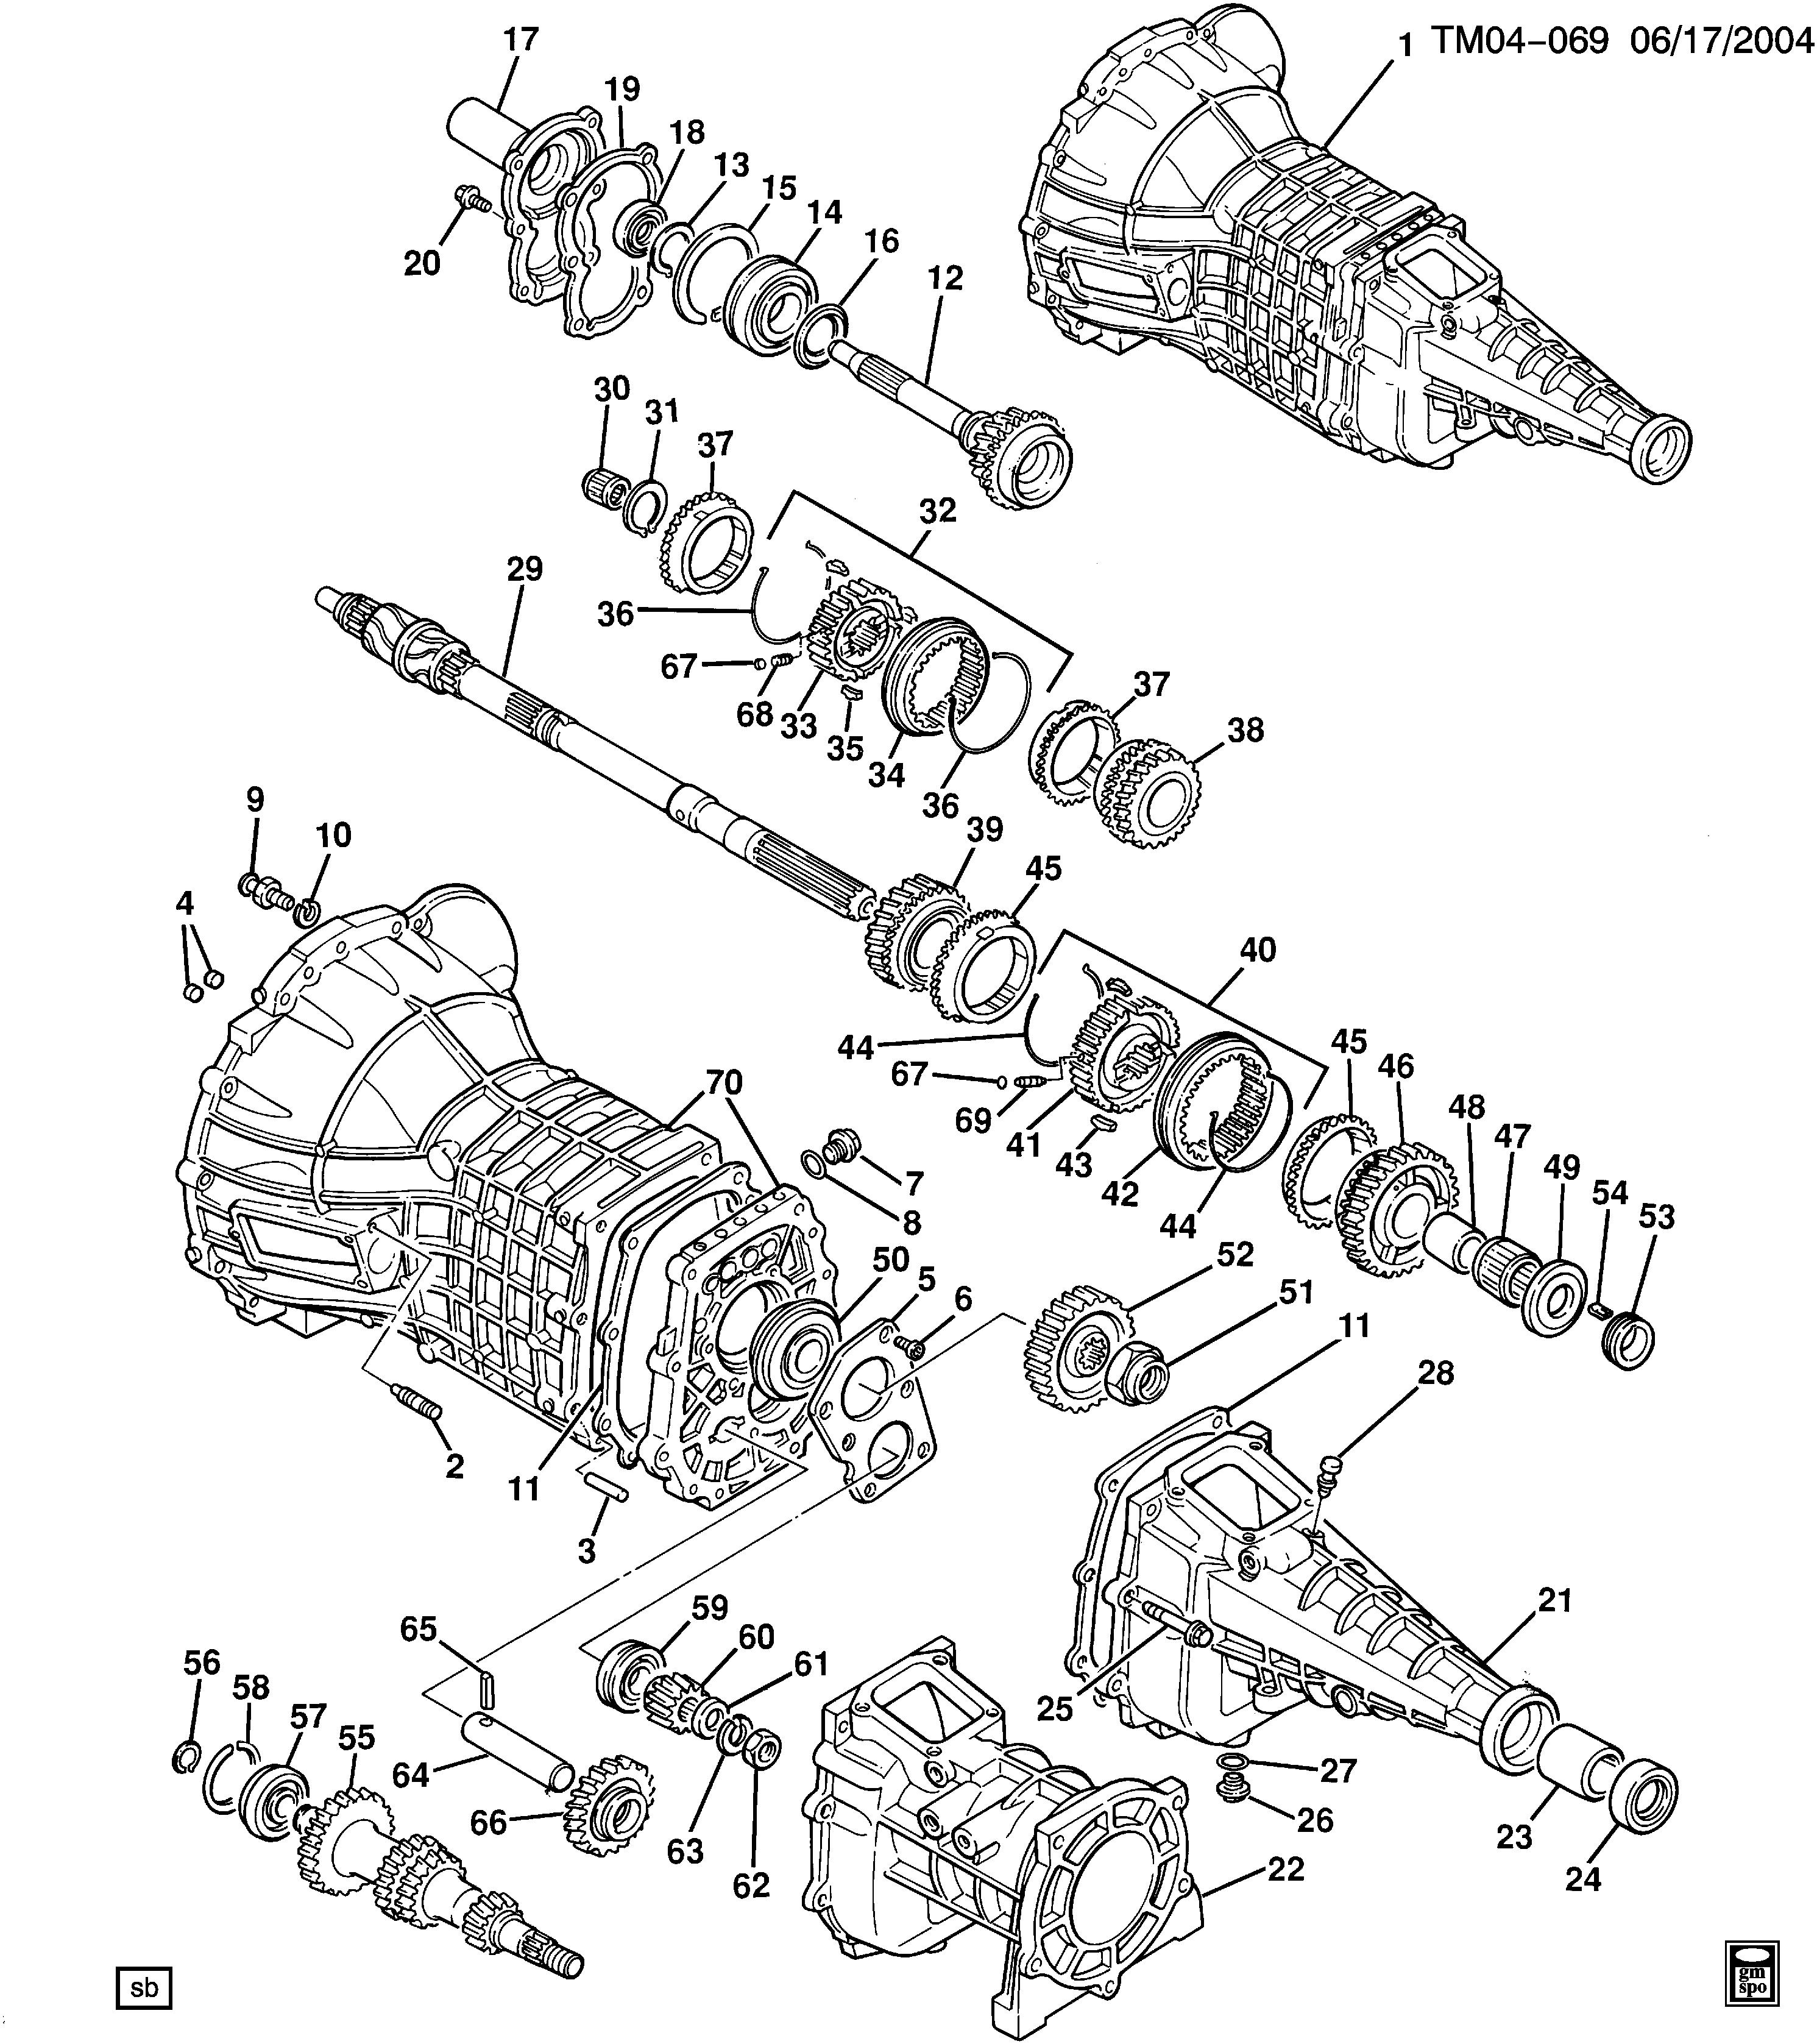 Isuzu Manual Transmission Diagram - Wiring Diagram Content